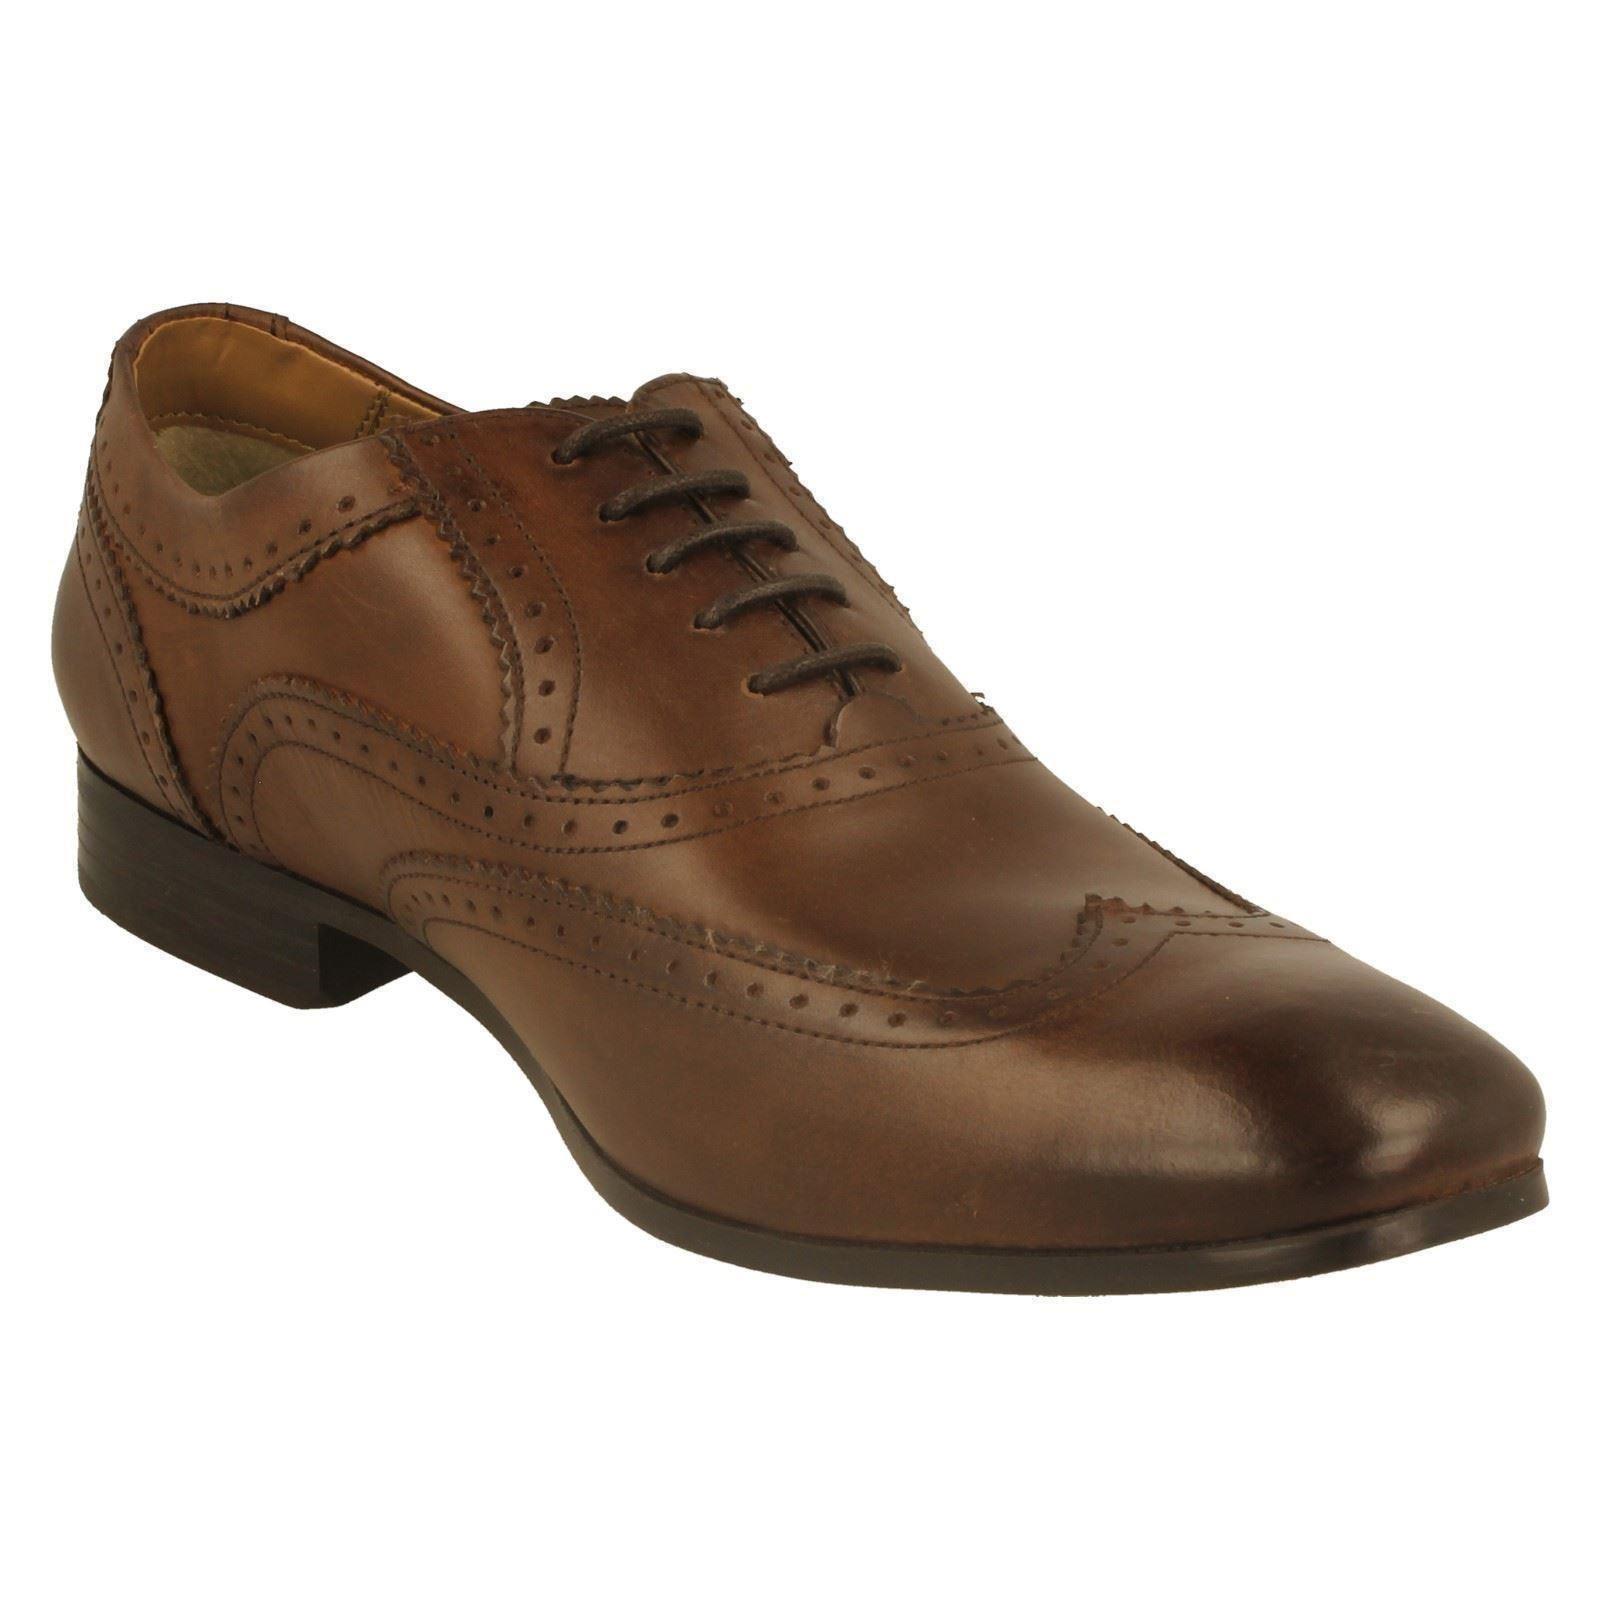 Da Uomo Base London Formali Shoes Court Mto-W Scarpe classiche da uomo